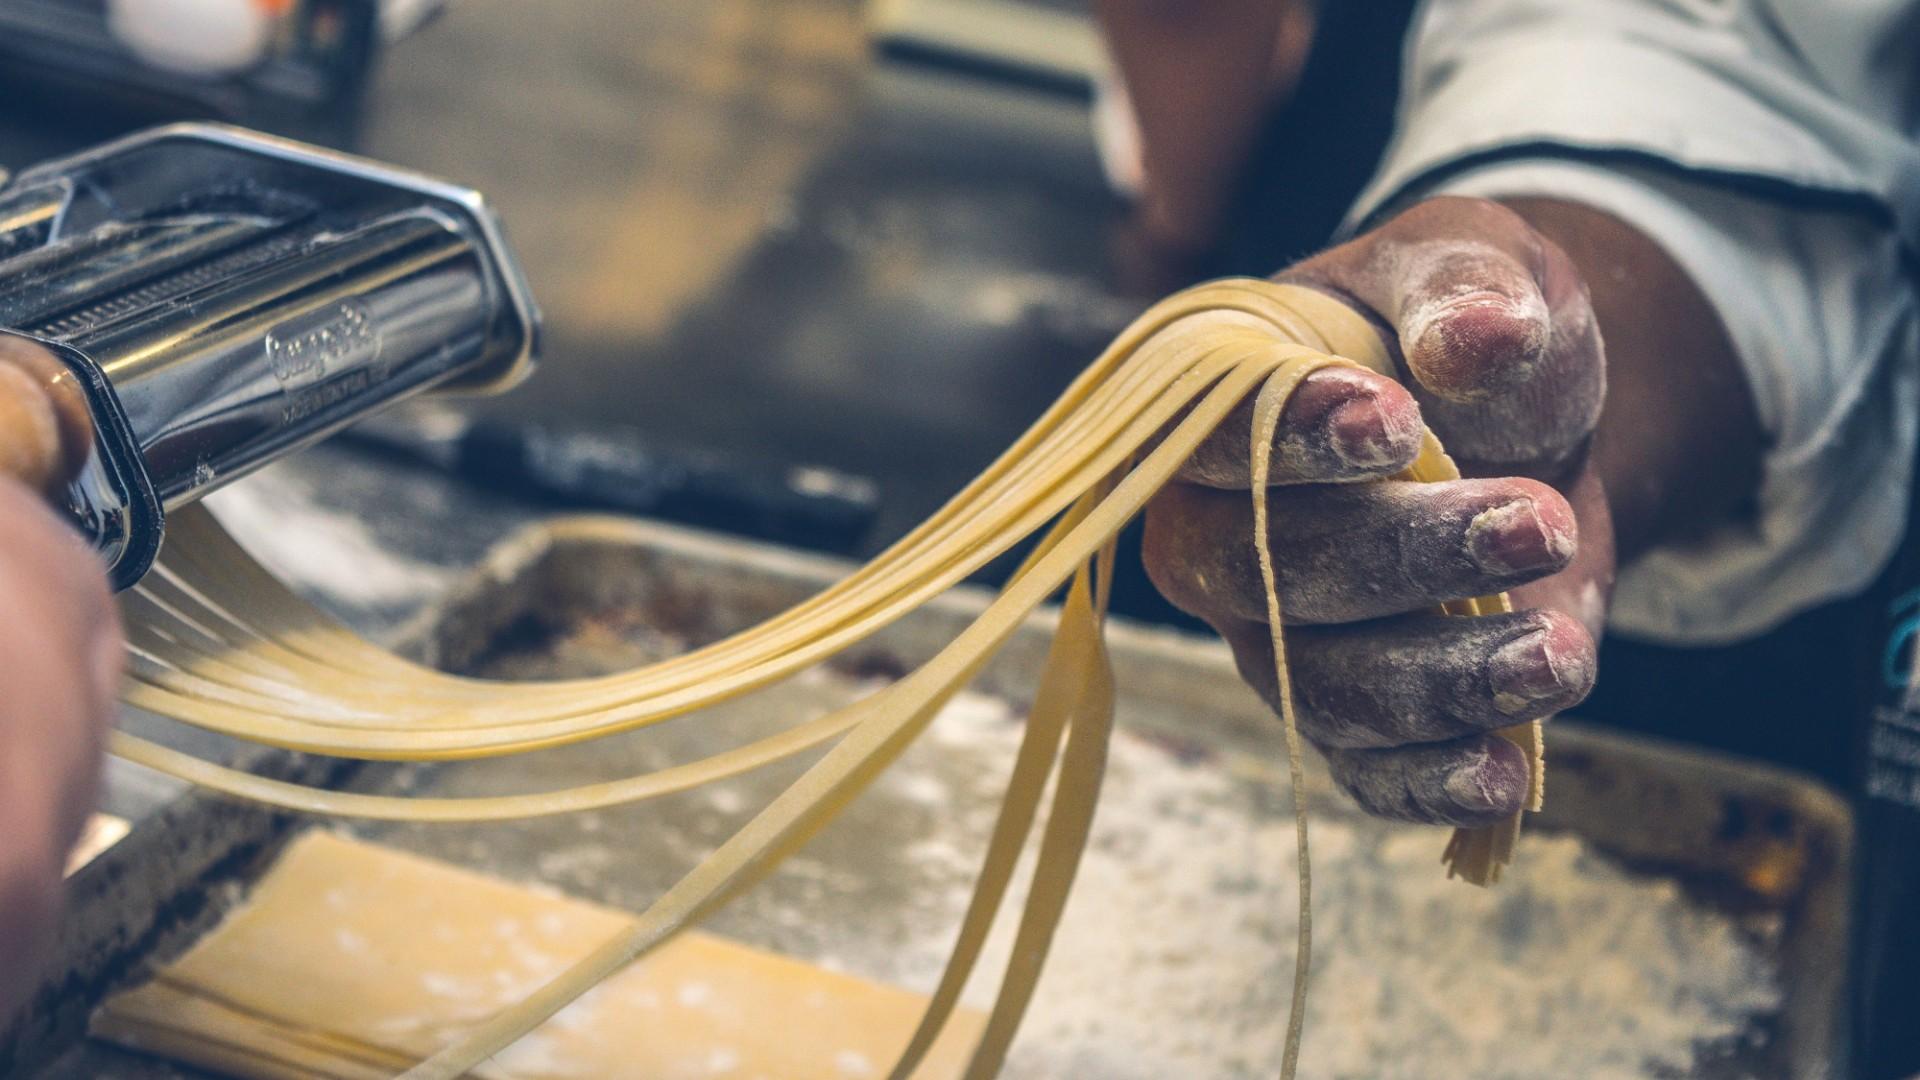 Elaboración casera de pasta italiana en Restaurante Italiano Terra Mía de Barcelona